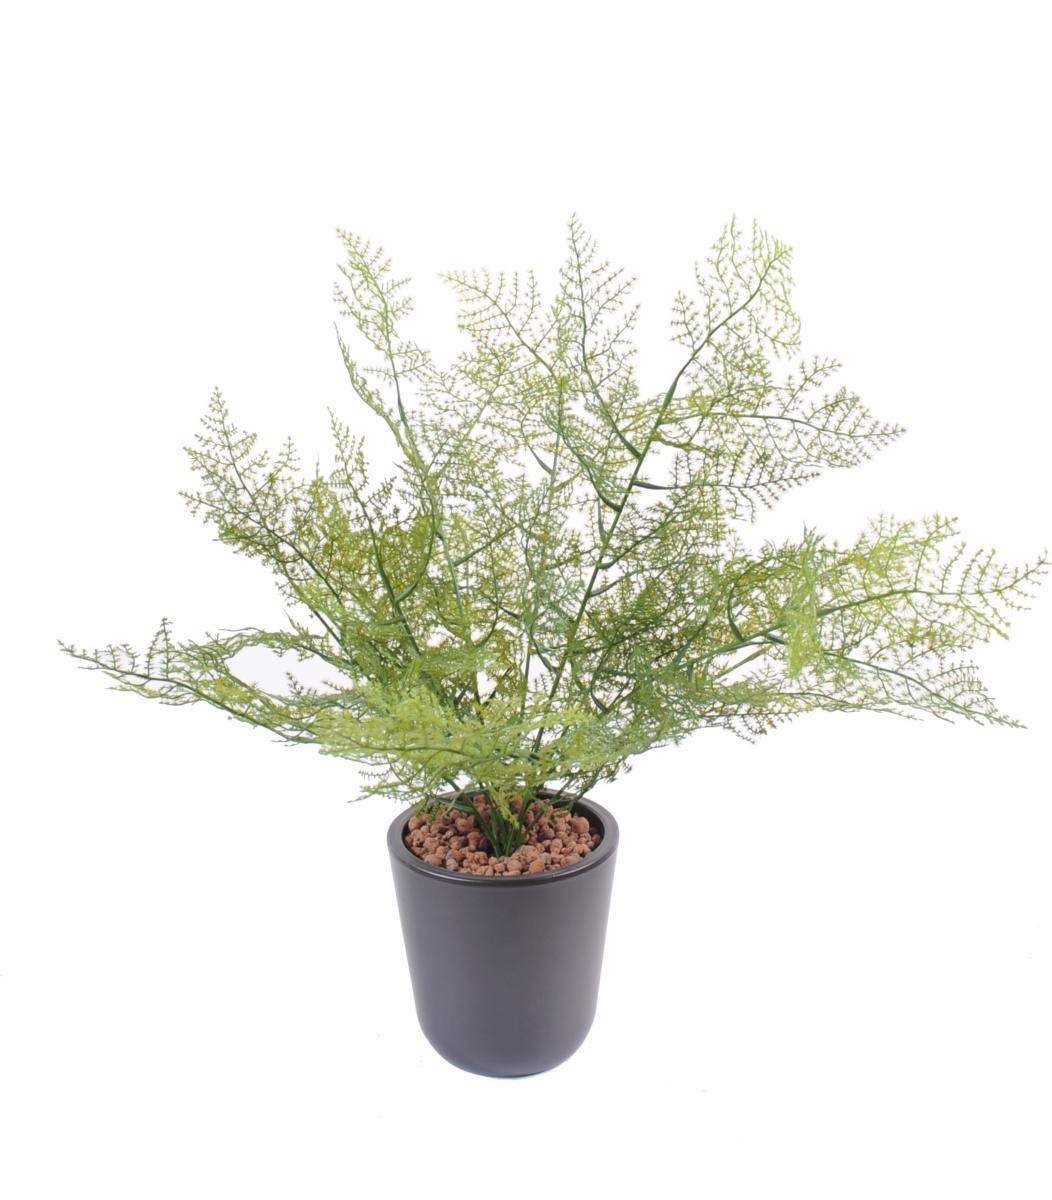 Plante artificielle asparagus plastique int rieur - Plantes de terrasse exterieur ...